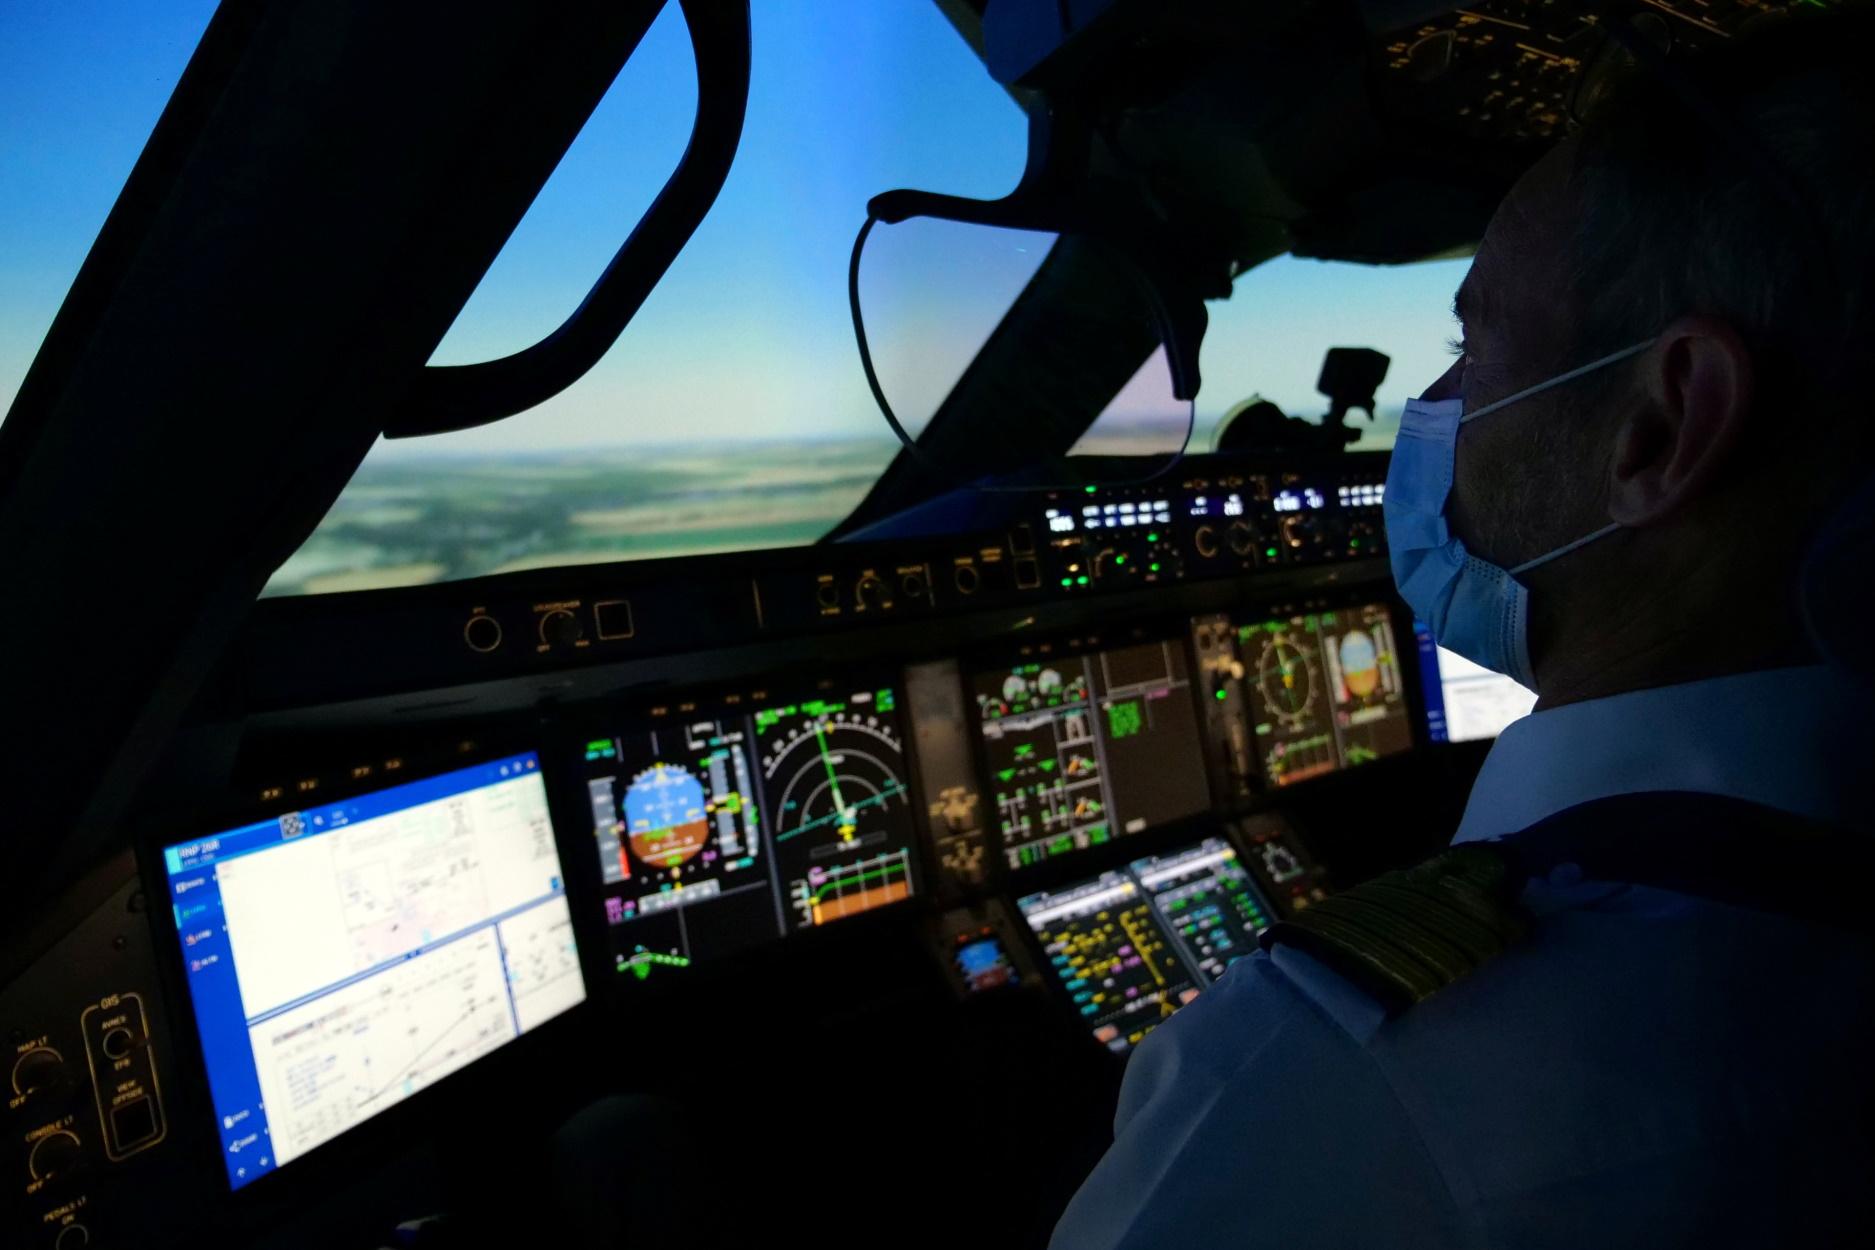 Ο πιλότος ήταν «άτακτος» – Γδύθηκε και άρχισε να βλέπει πορνό μπροστά σε γυναίκα συνάδελφό του